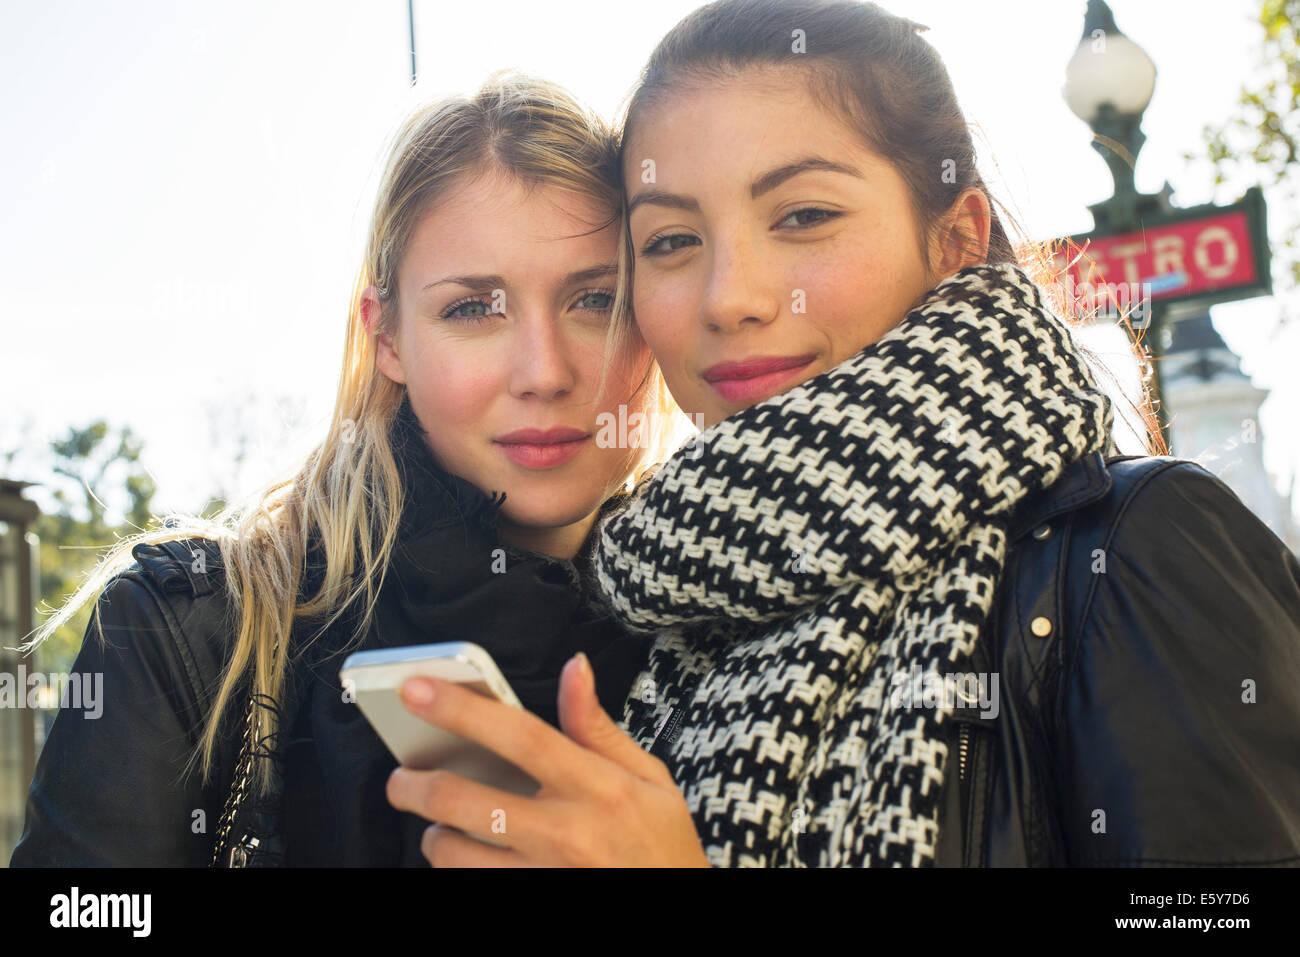 Giovani donne all'esterno guardando il telefono cellulare insieme Immagini Stock